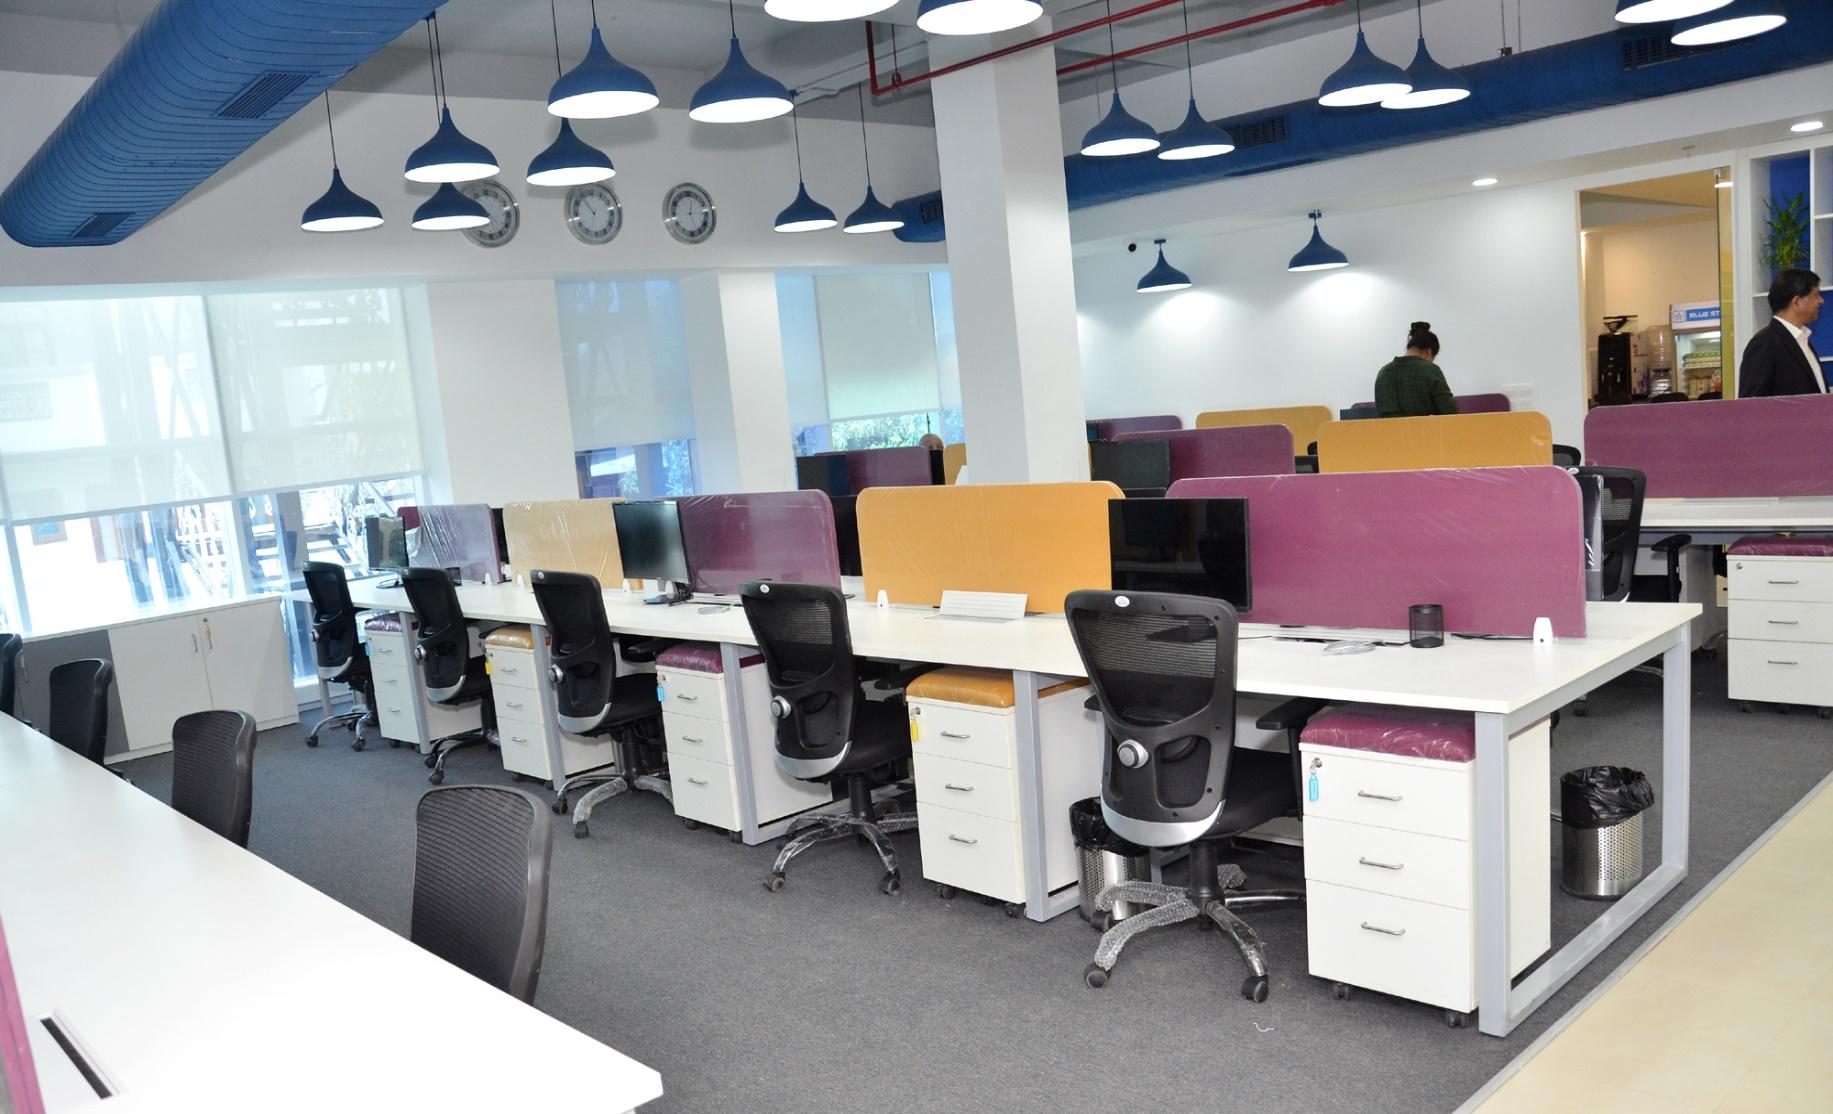 Viscadia Office Inside